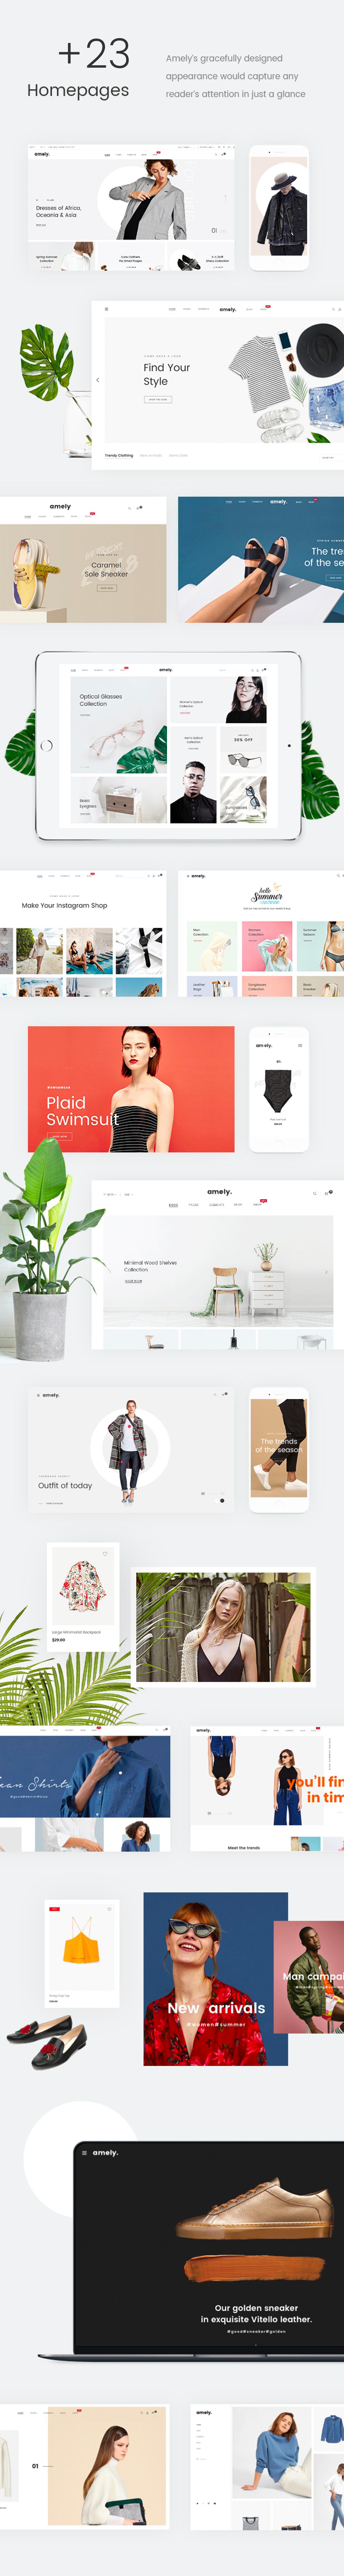 Fashion WooCommerce WordPress Theme - 18+ الصفحة الرئيسية